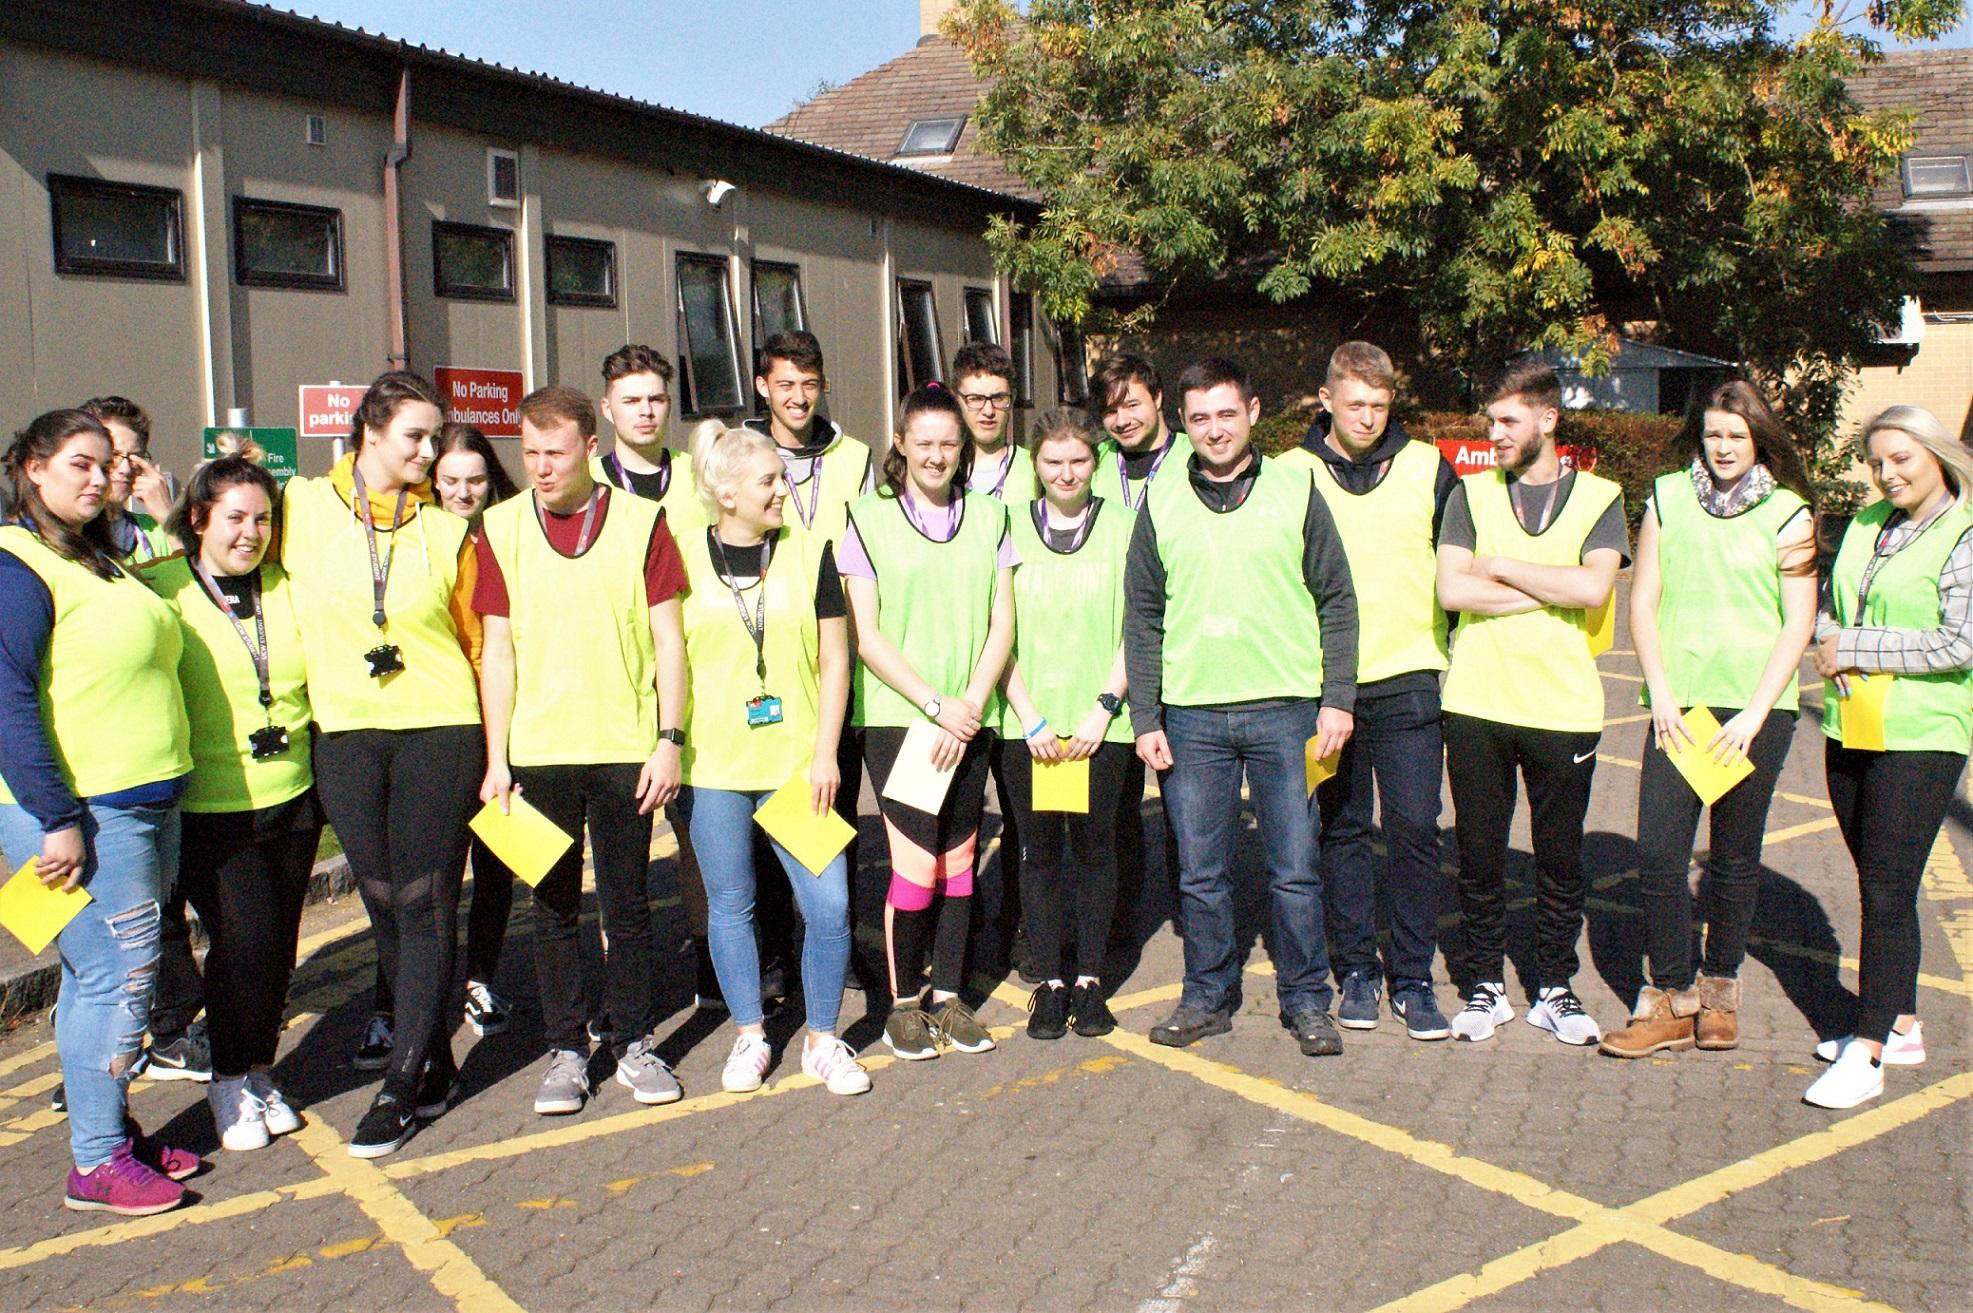 Students Weston General Hospital UCW training exercise